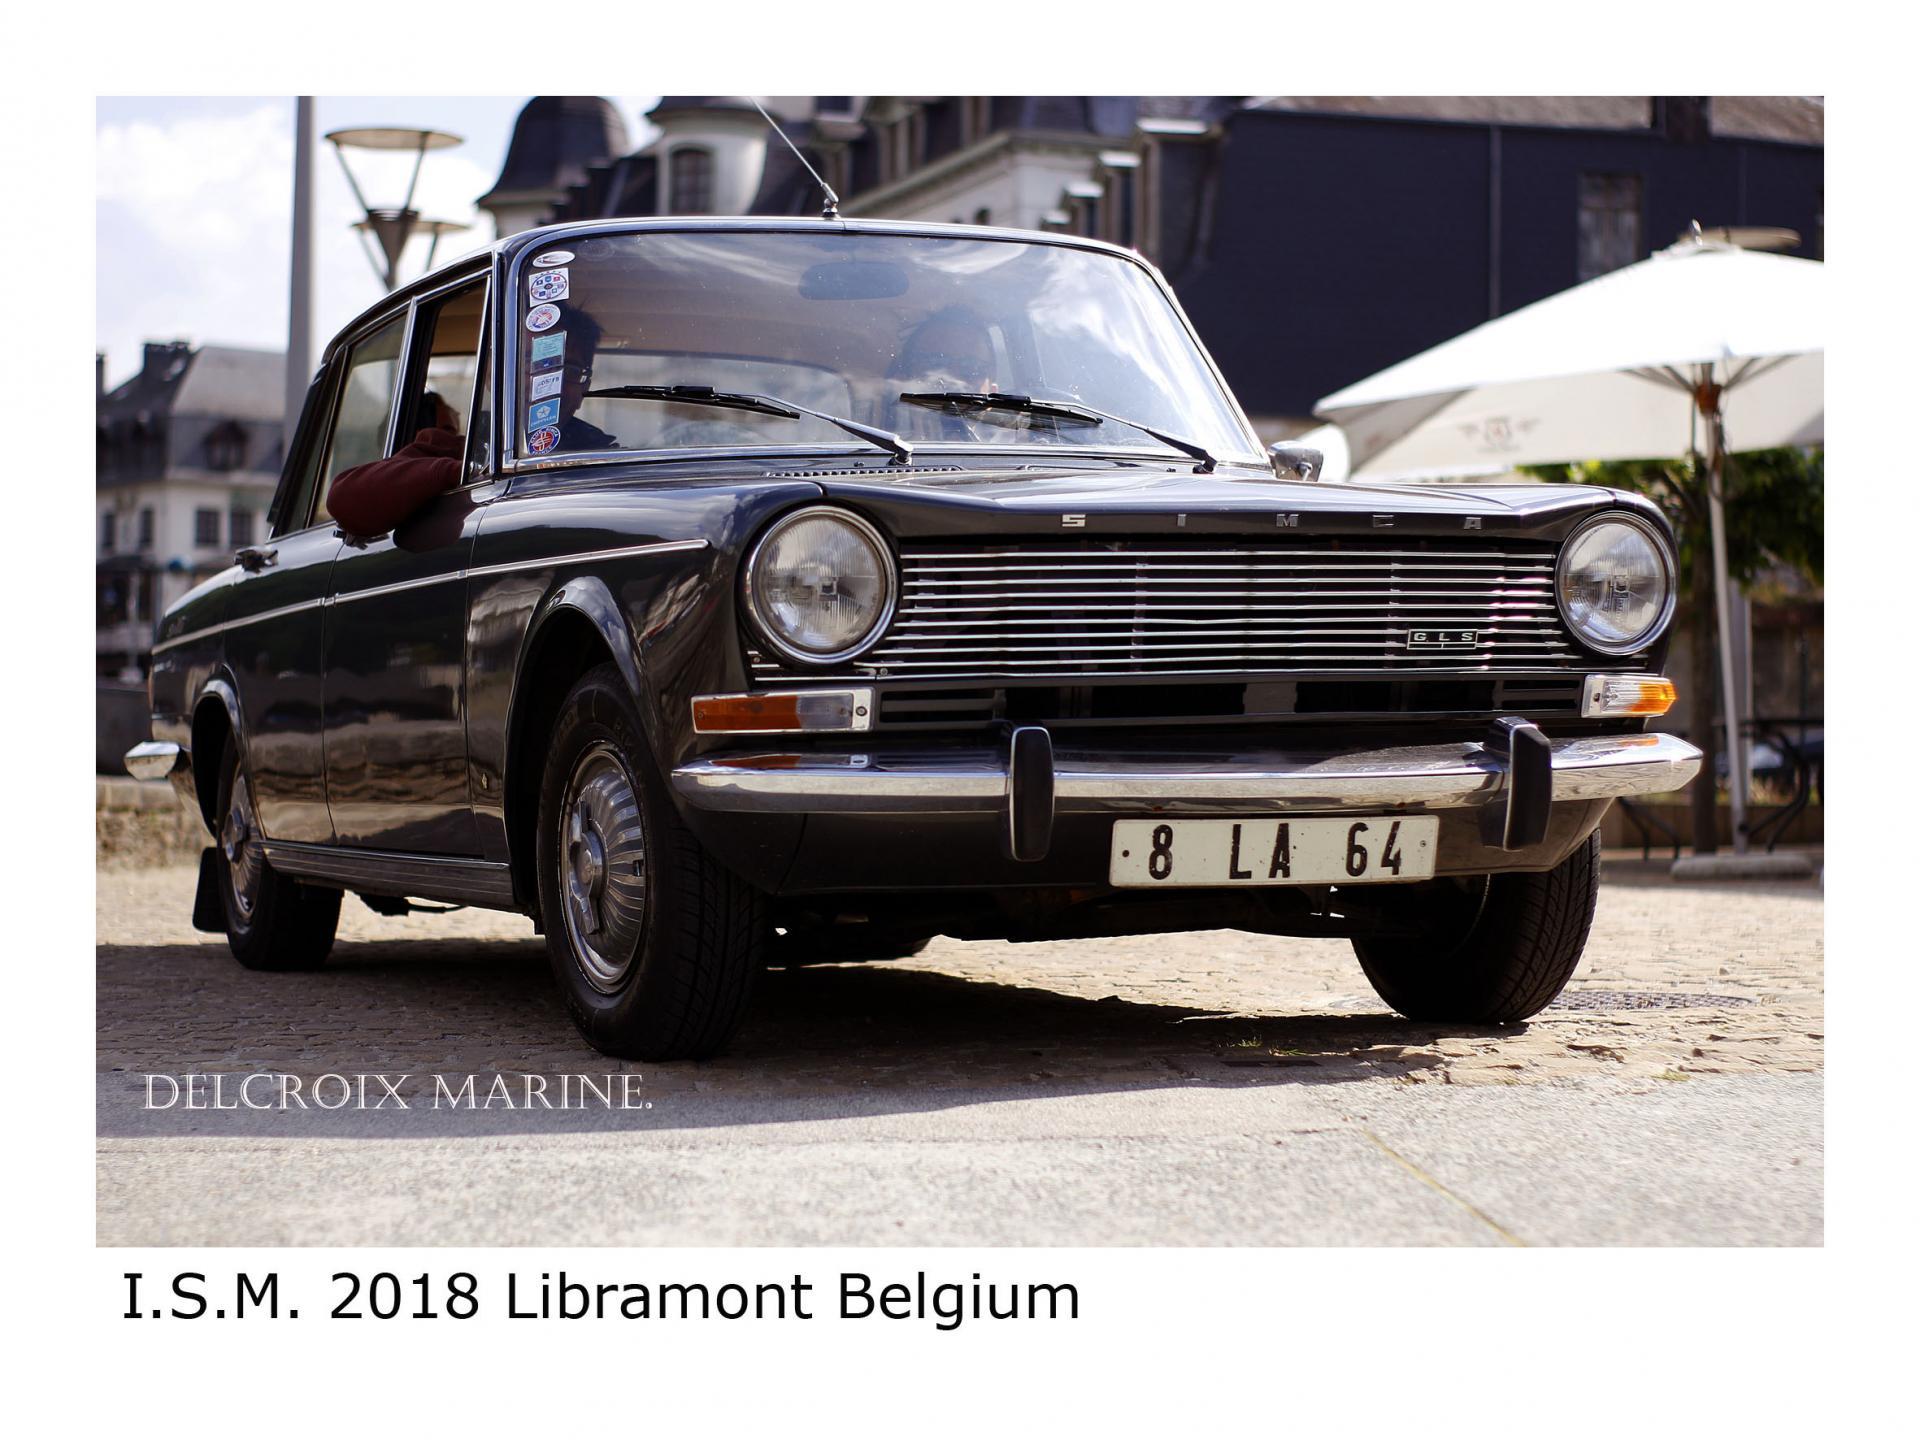 Photos de Marine Delcroix, notre photographe à Libramont